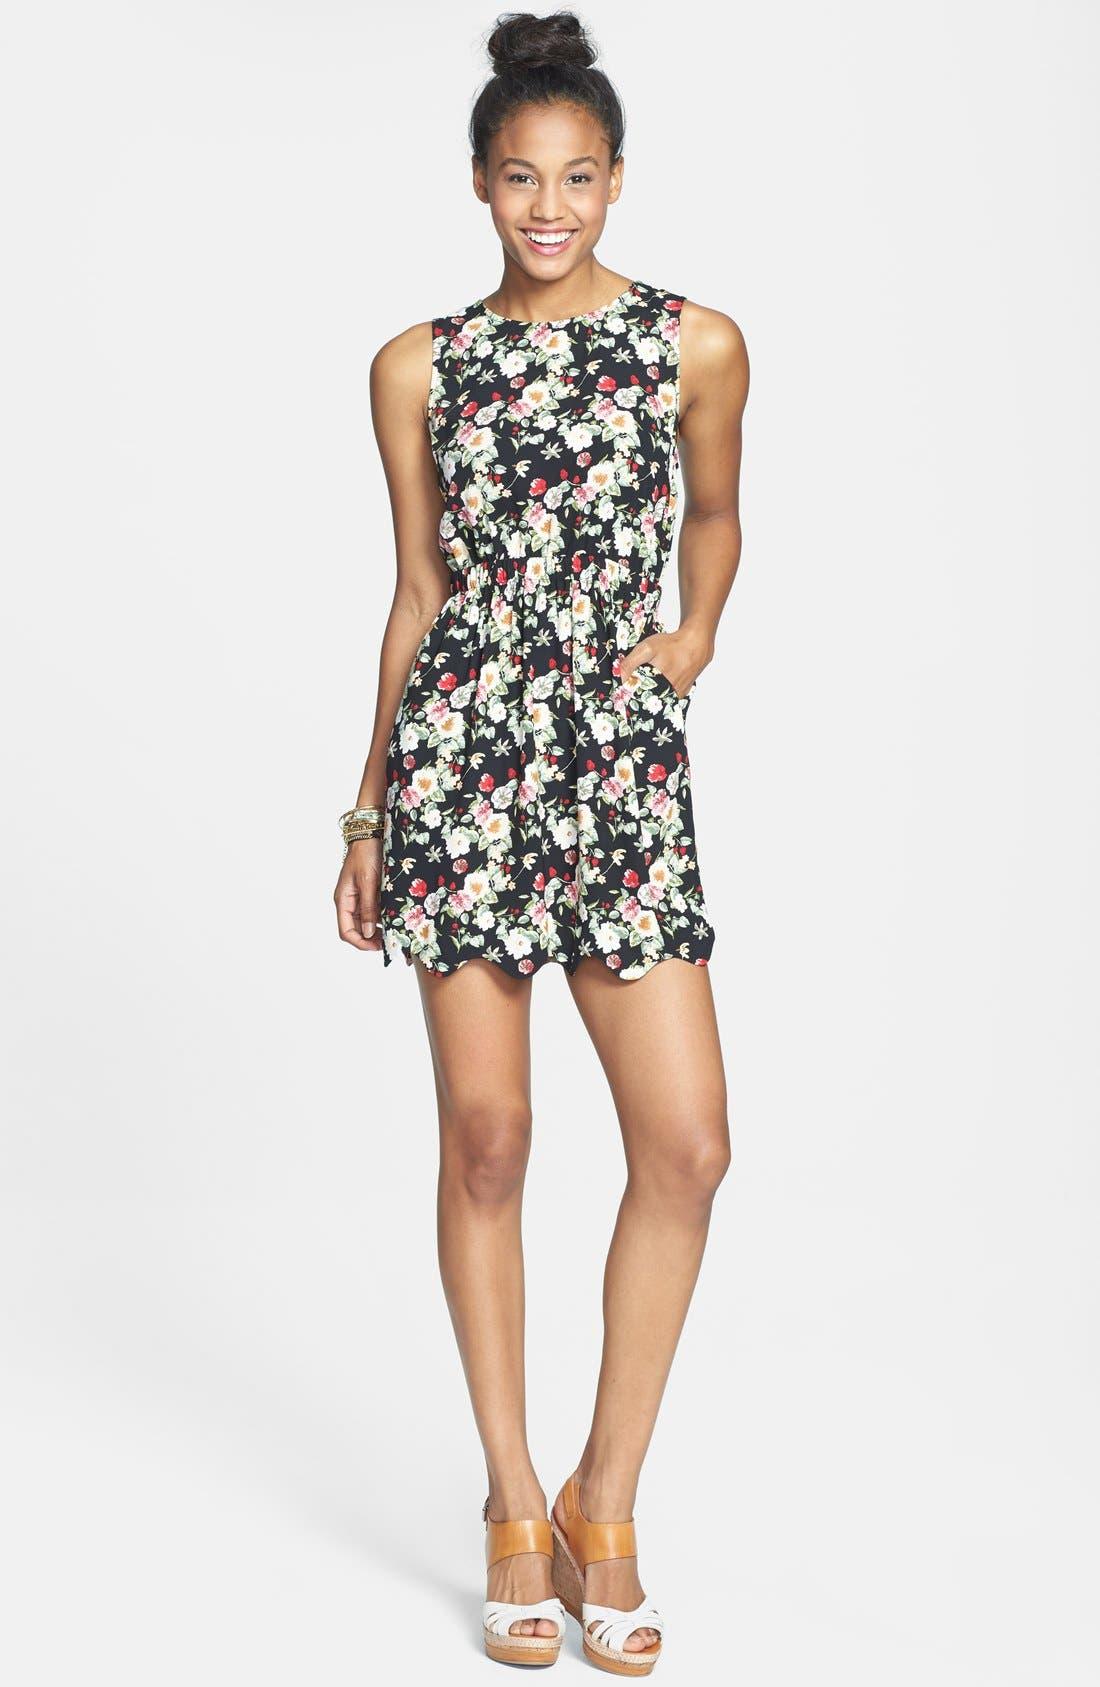 Alternate Image 1 Selected - BCNU Back Cutout Dress (Juniors)